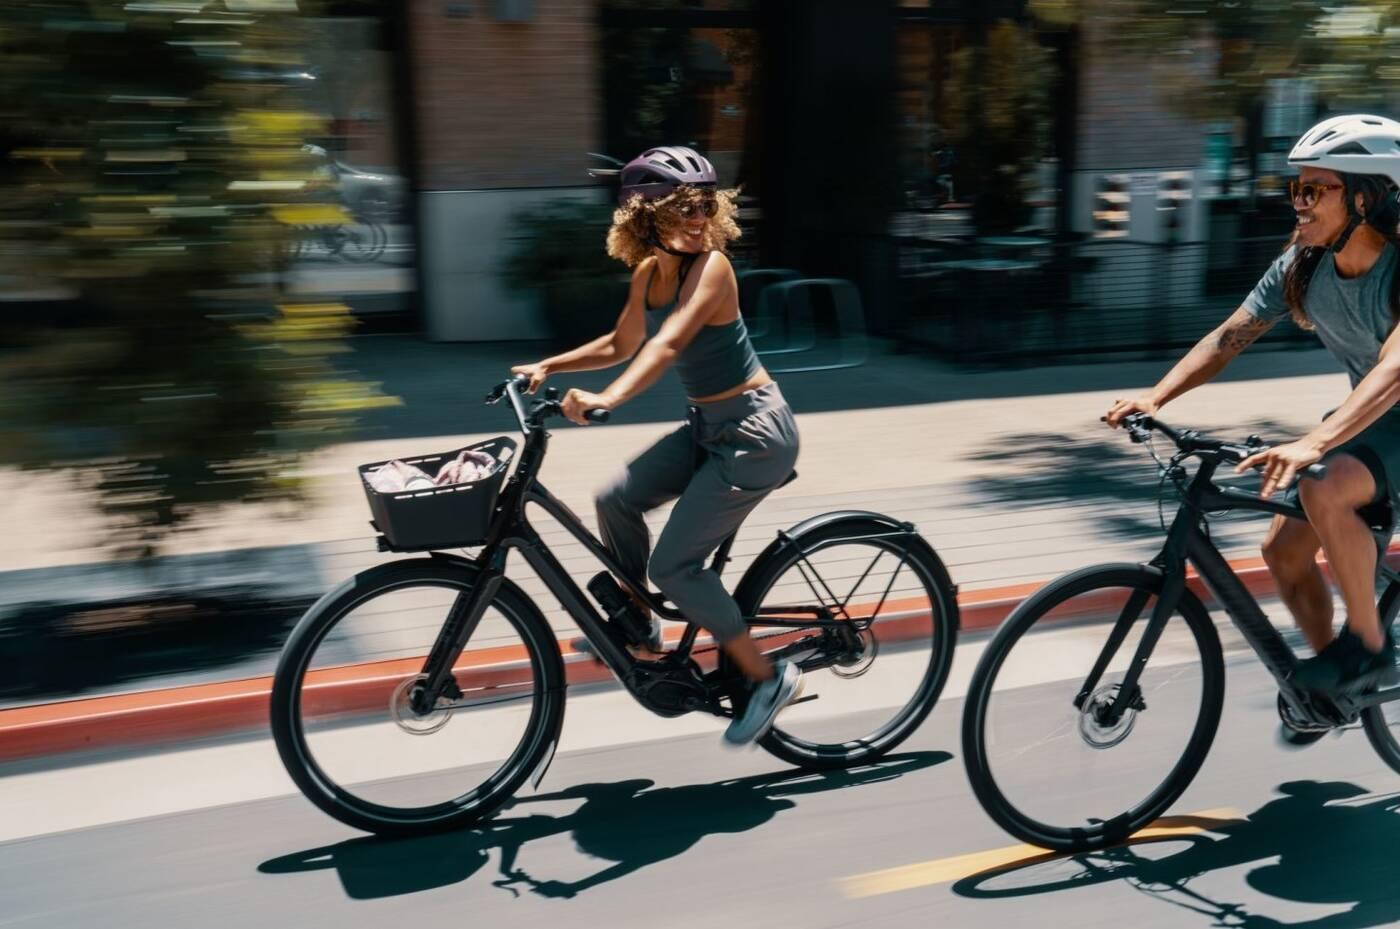 Nowy elektryczny rower Turbo Como SL od Specialized, elektryczny rower Turbo Como SL od Specialized, elektryczny rower Turbo Como SL, Turbo Como SL Specialized